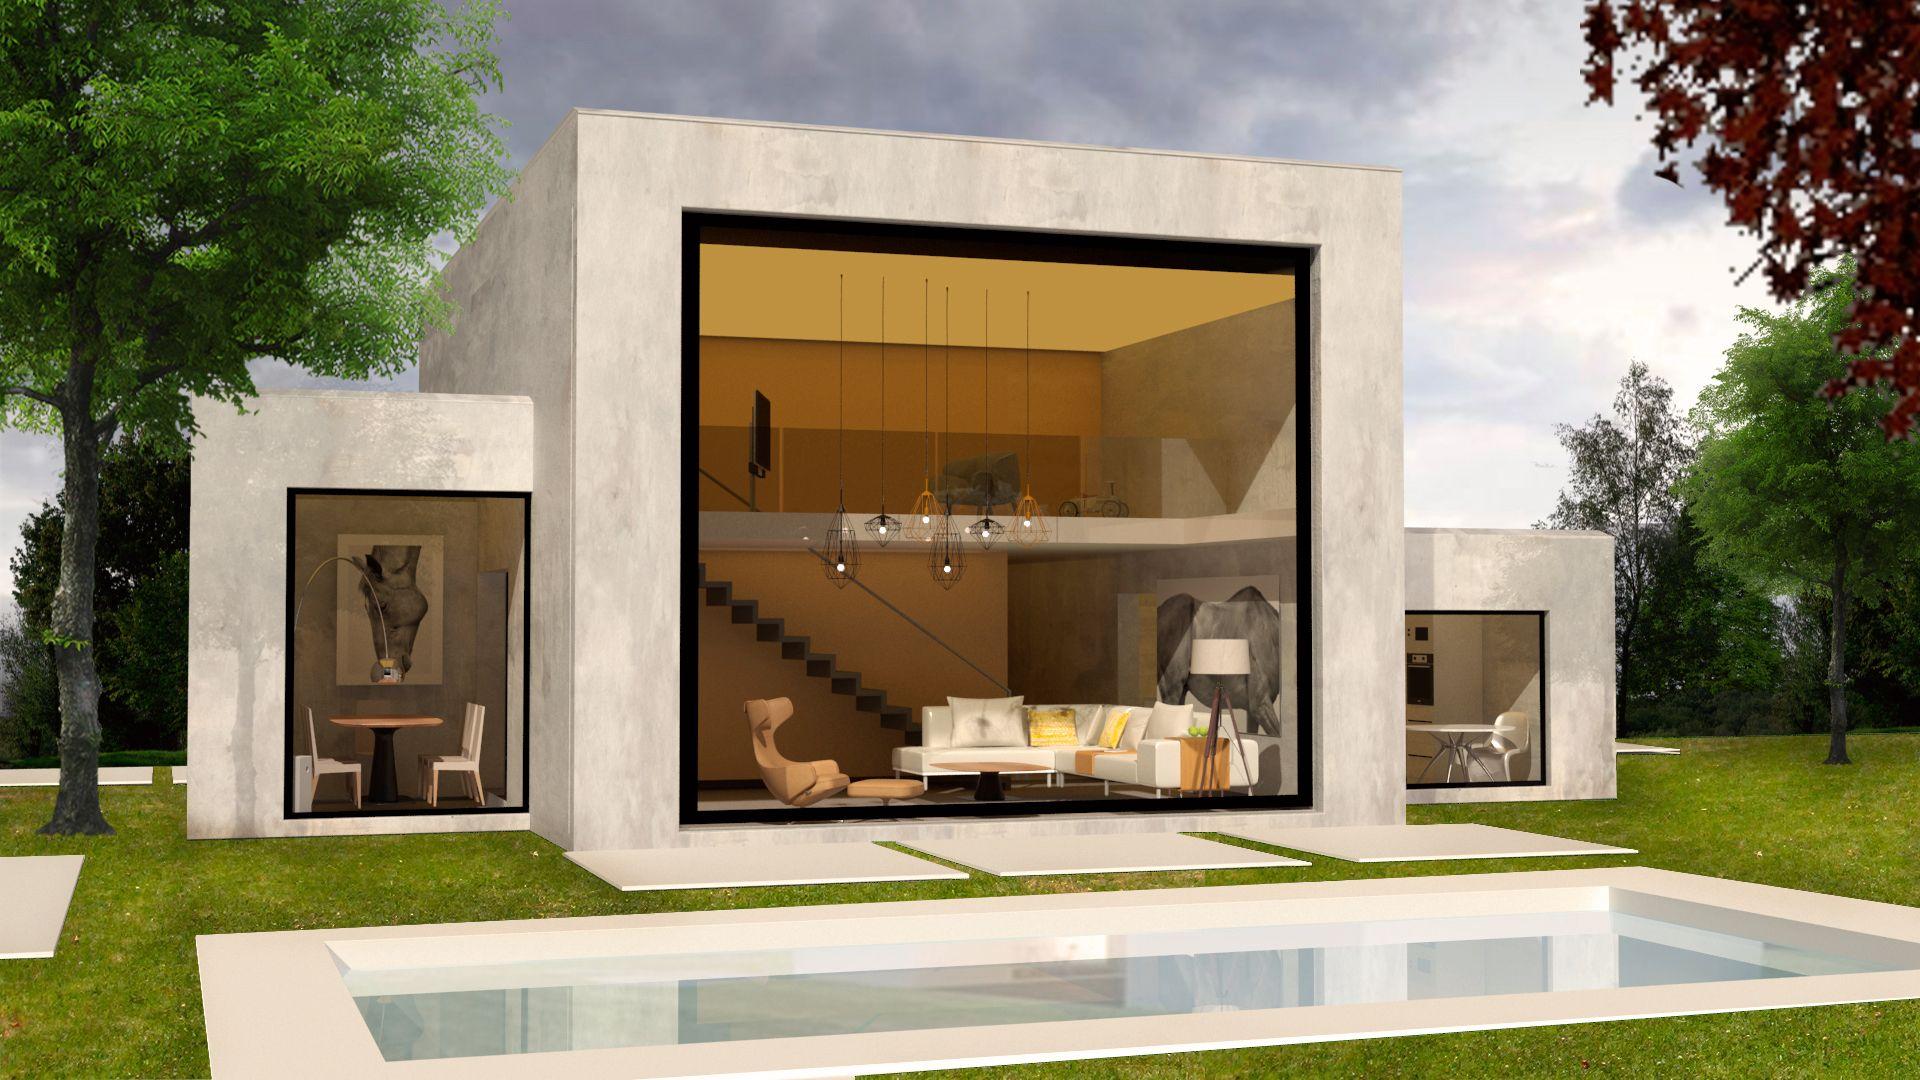 Construcci n de casas y viviendas unifamiliares modernas for Diseno casas unifamiliares